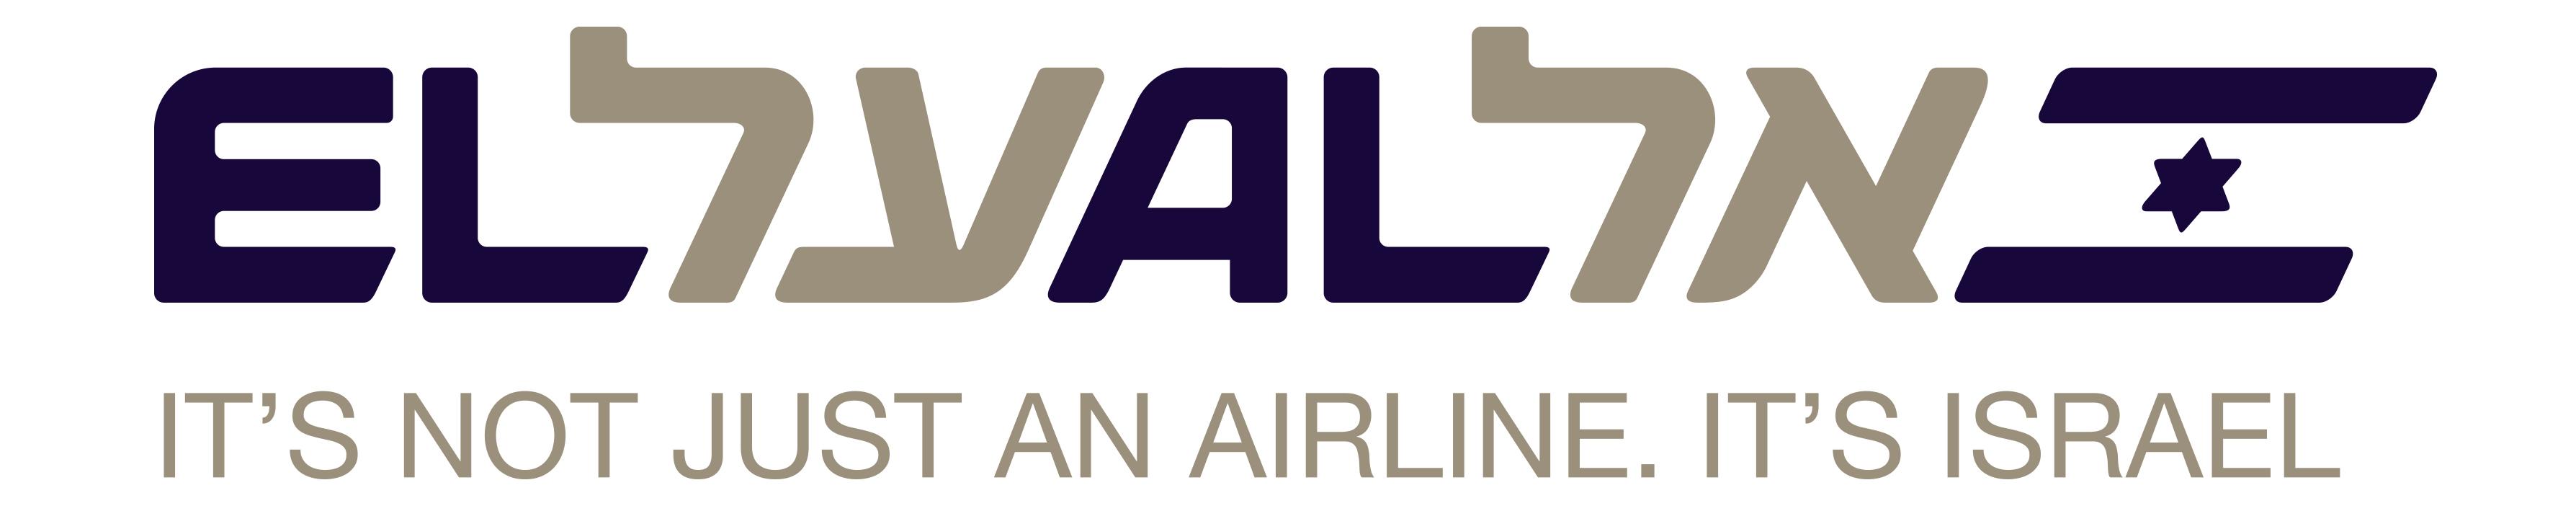 EL AL logo no wing